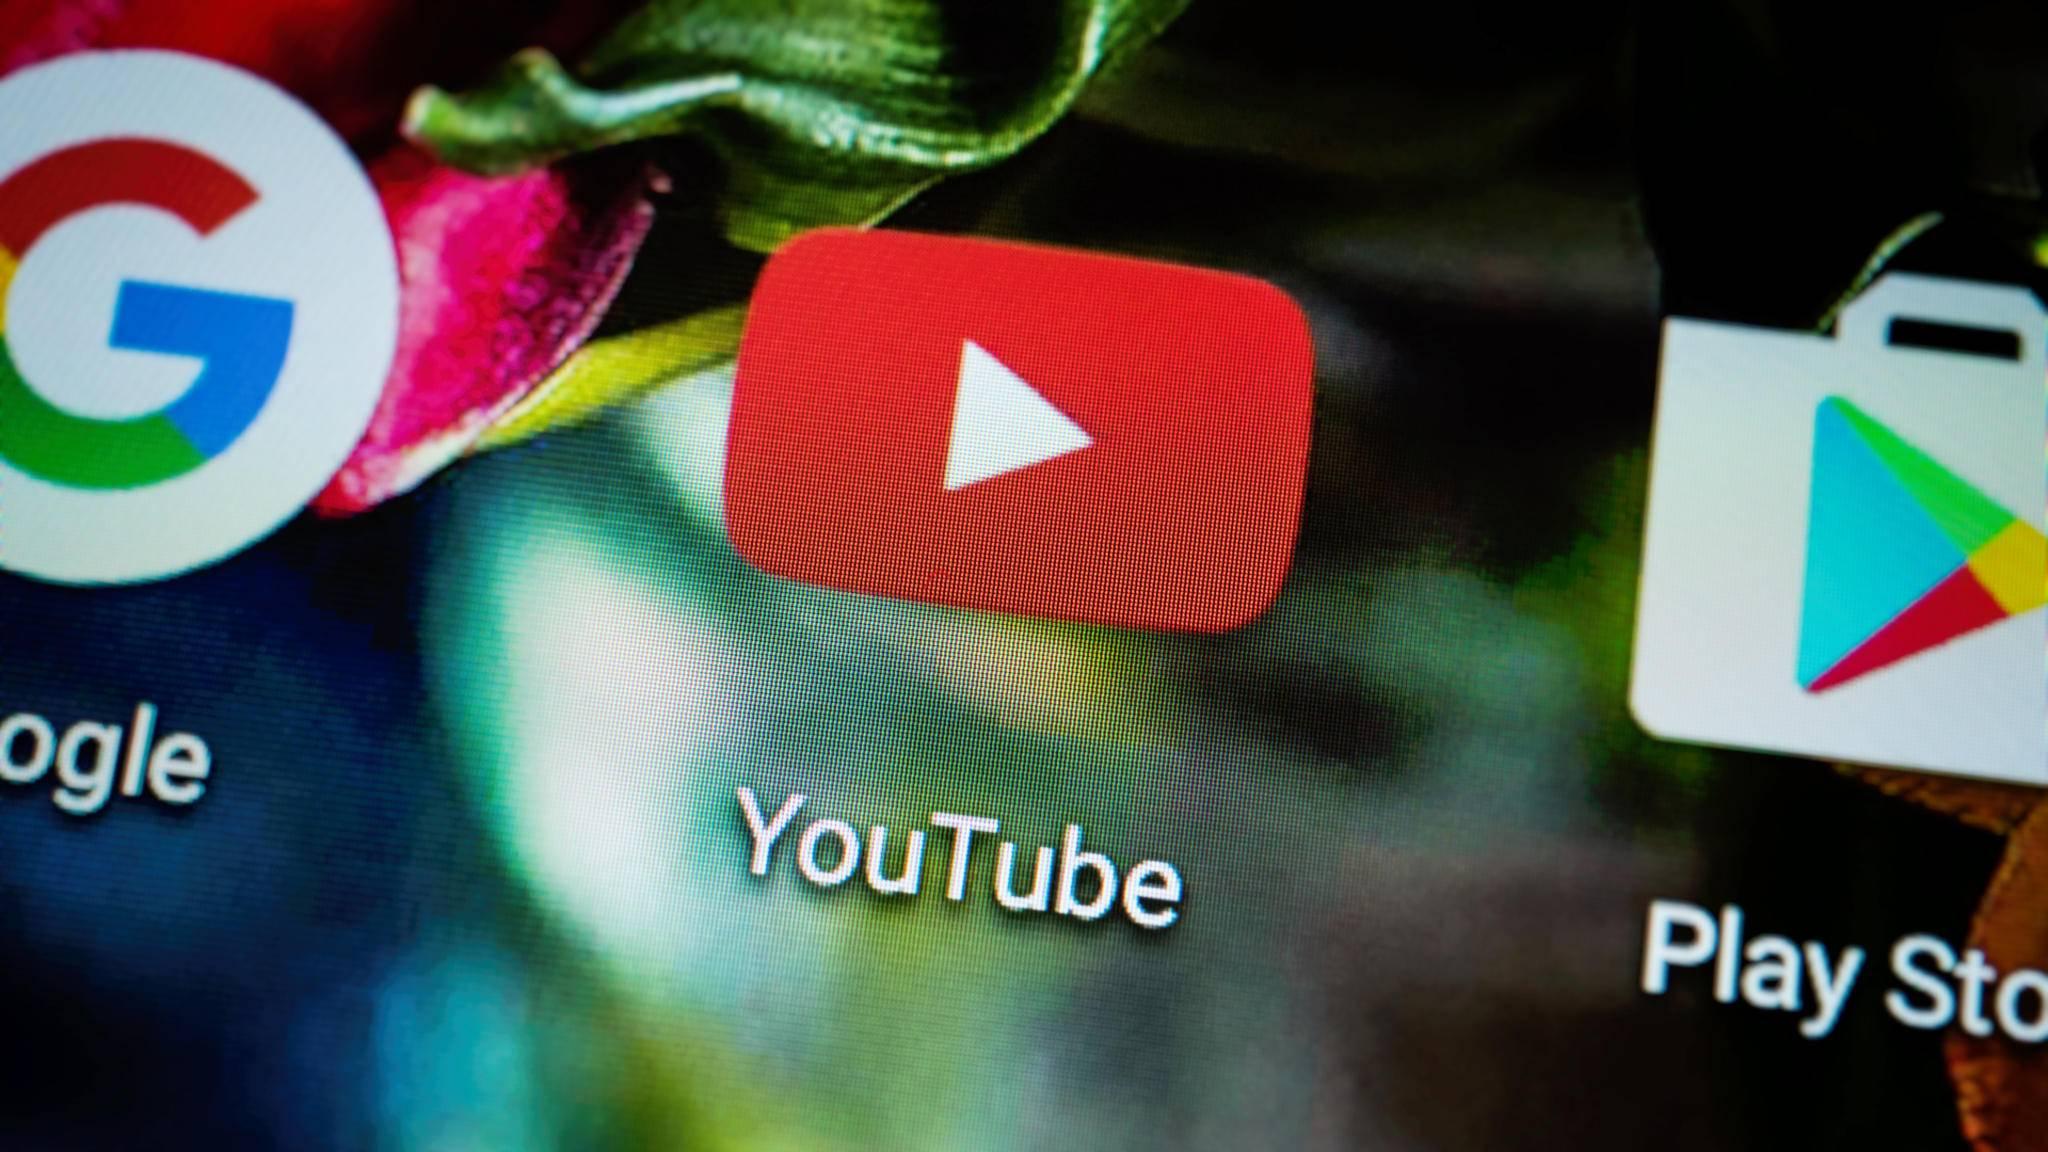 YouTube bietet bald eine eigene TV-Streaming-App an.